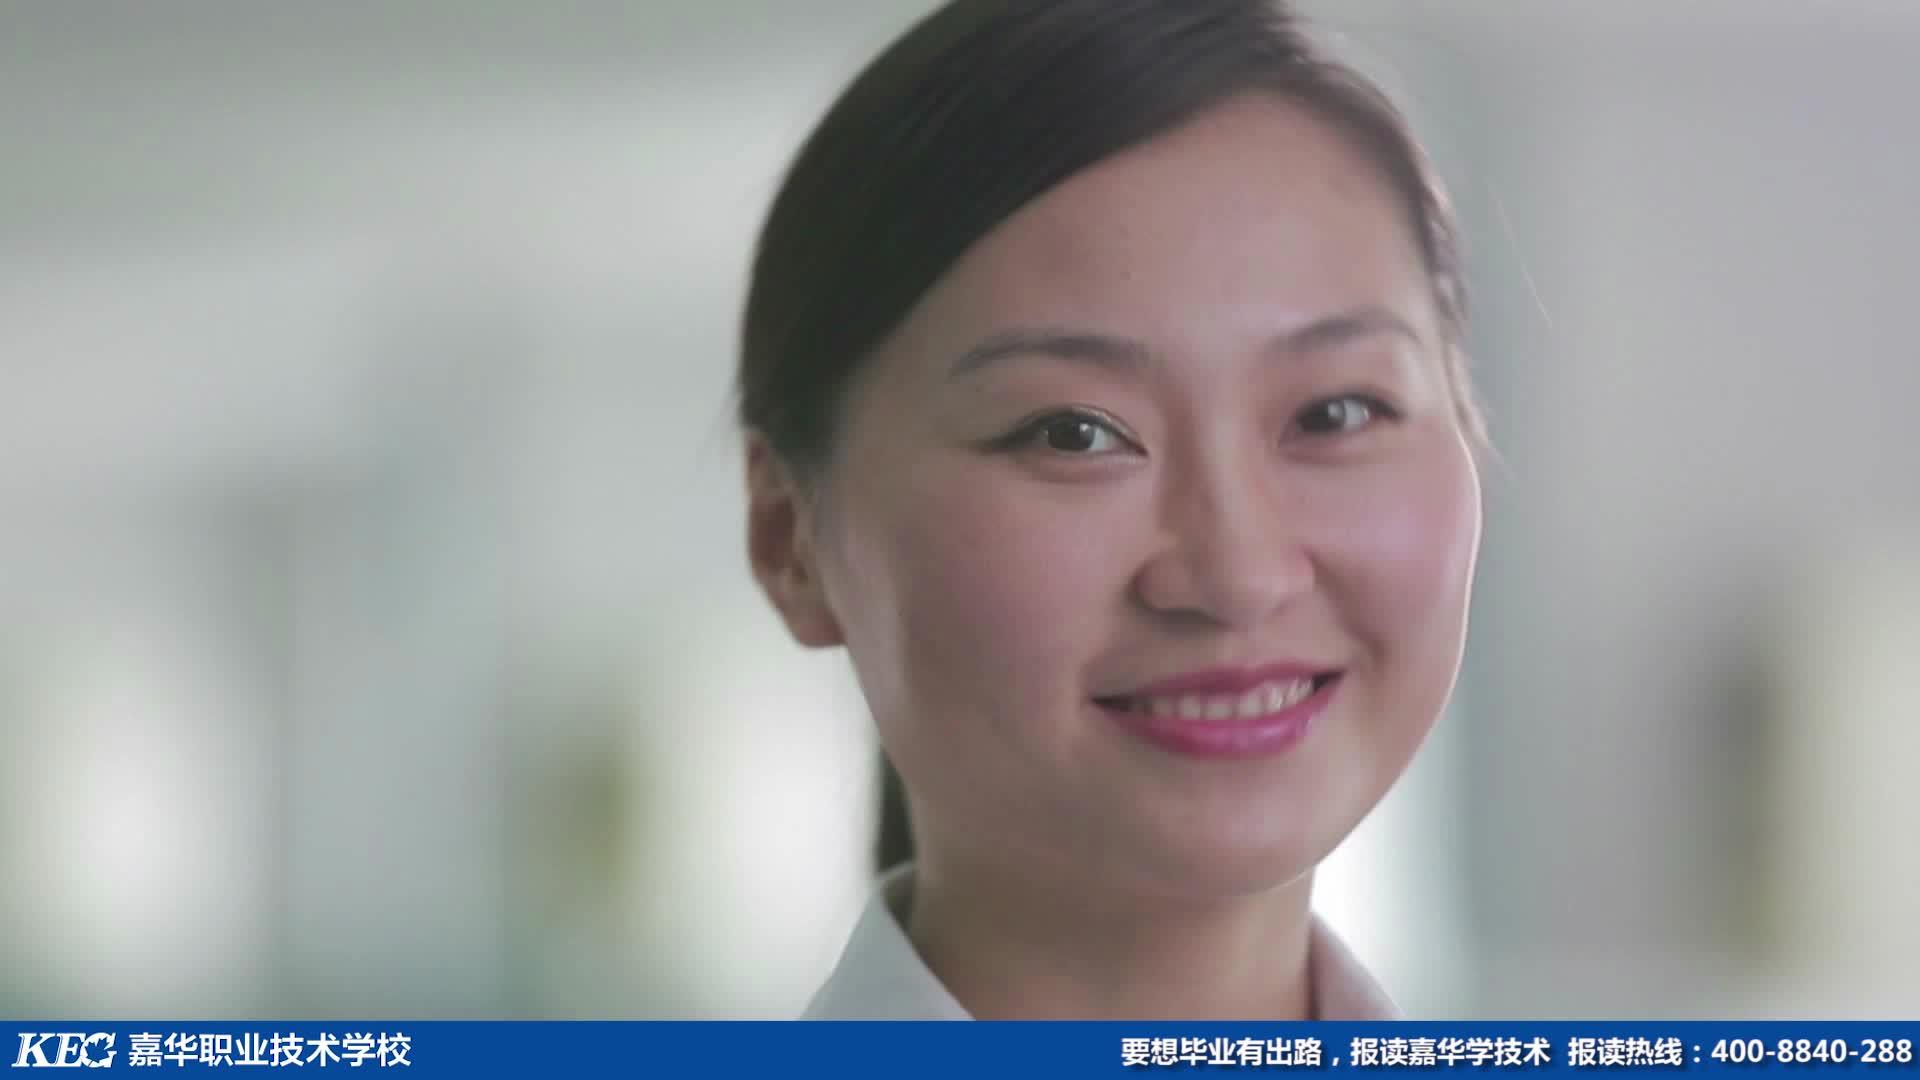 """嘉华梧州电视广告-""""要想毕业有出路 报读嘉华学技术"""""""